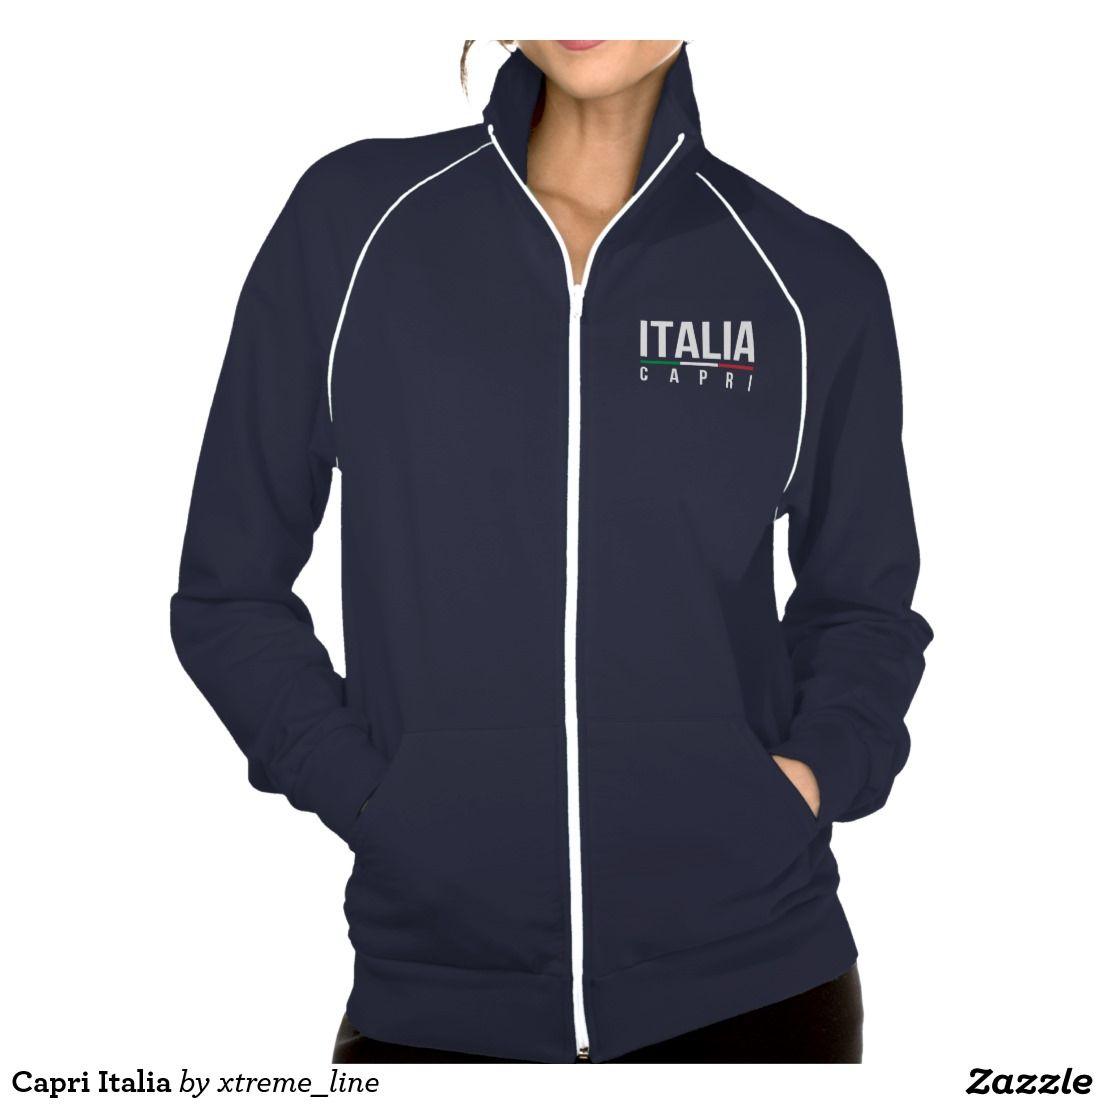 #Capri Italia Track Jacket. #Italy #Zazzle